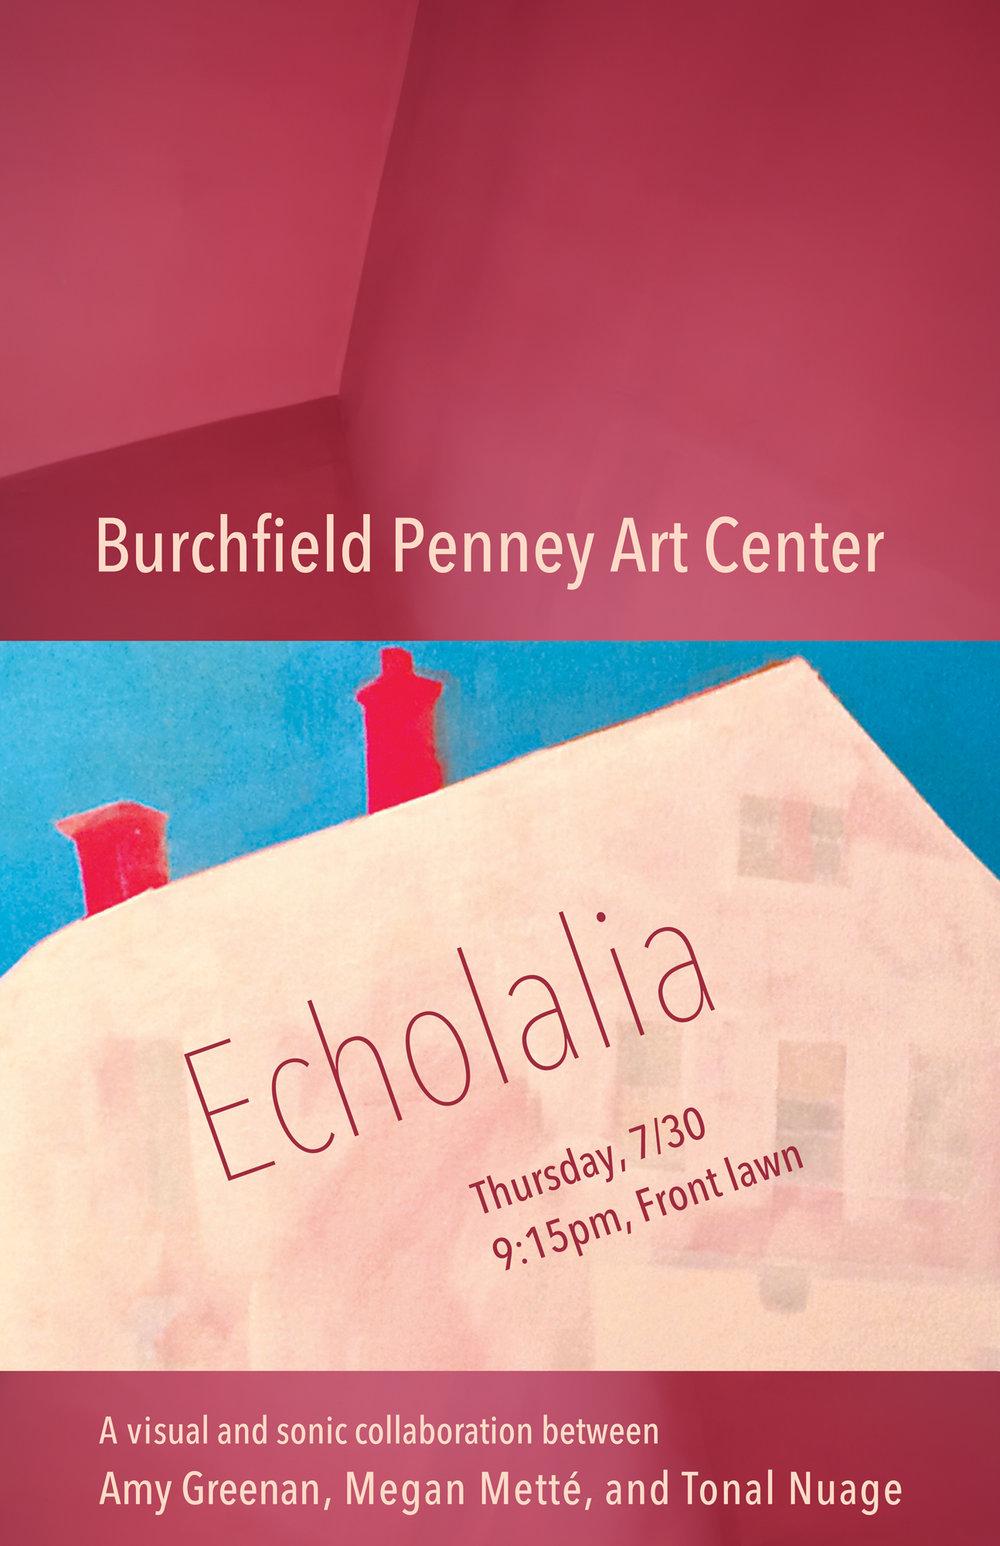 Poster design for Echolalia